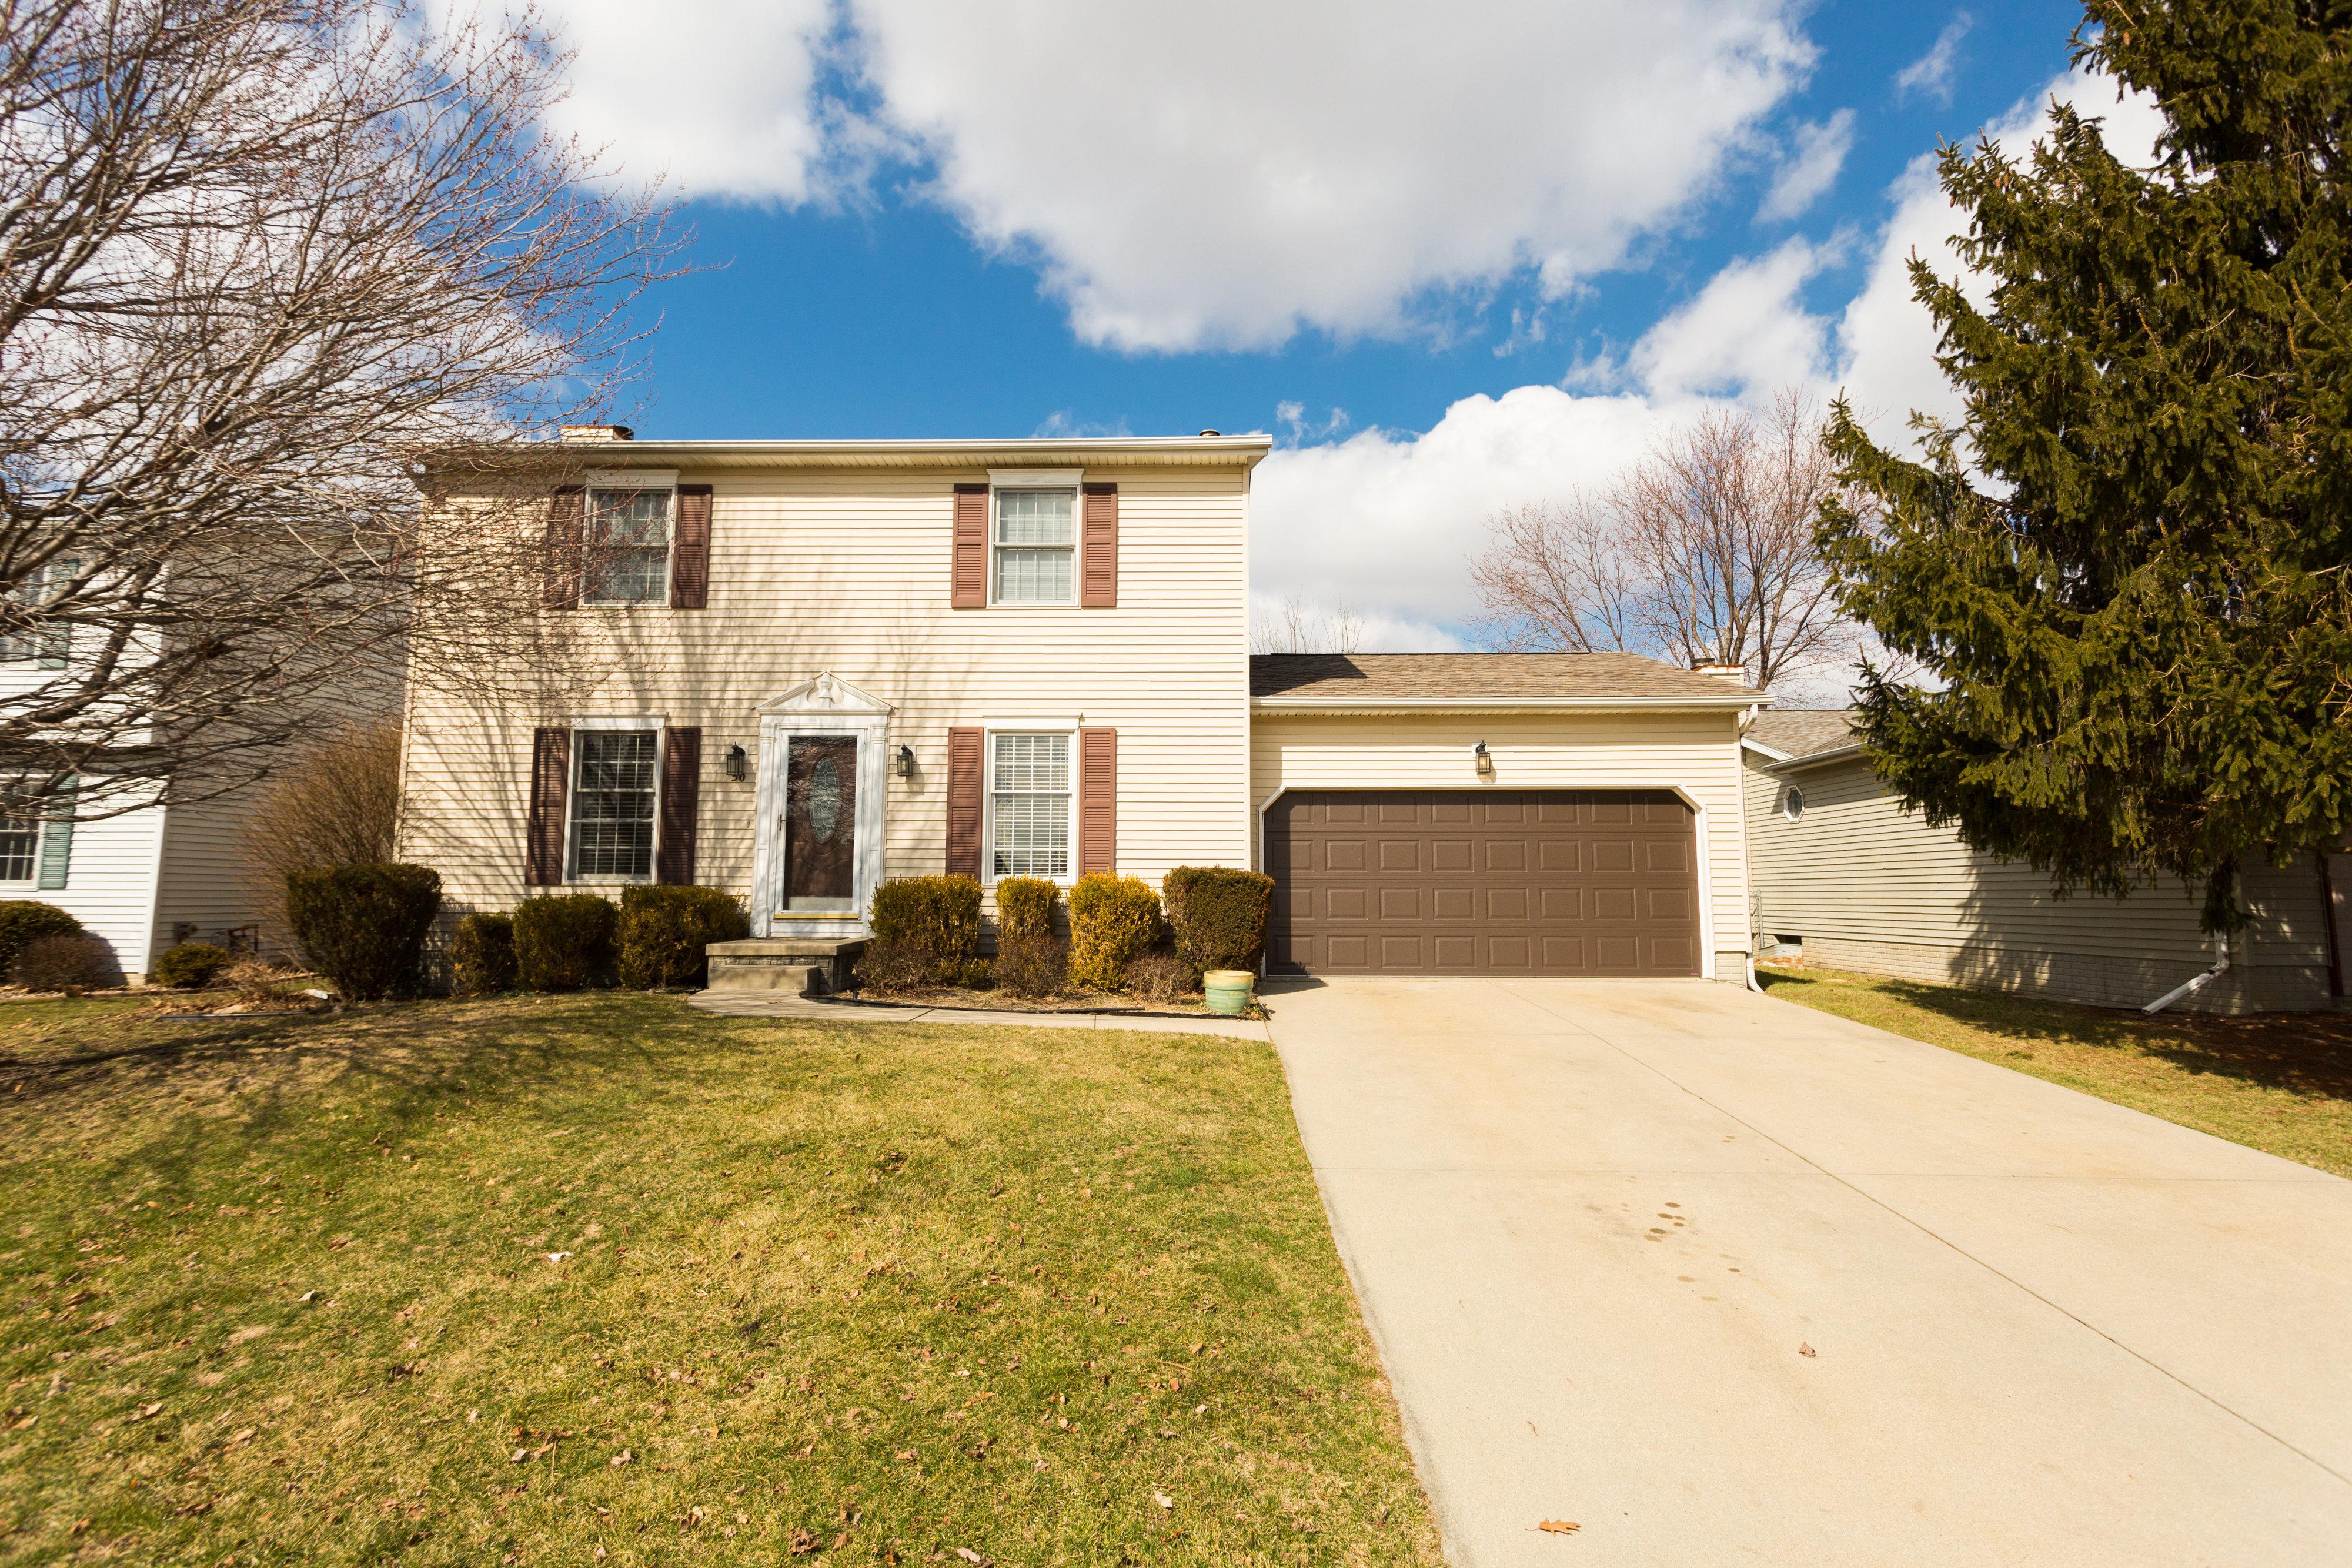 50 Ventnor Ave. Bloomington, IL 61701